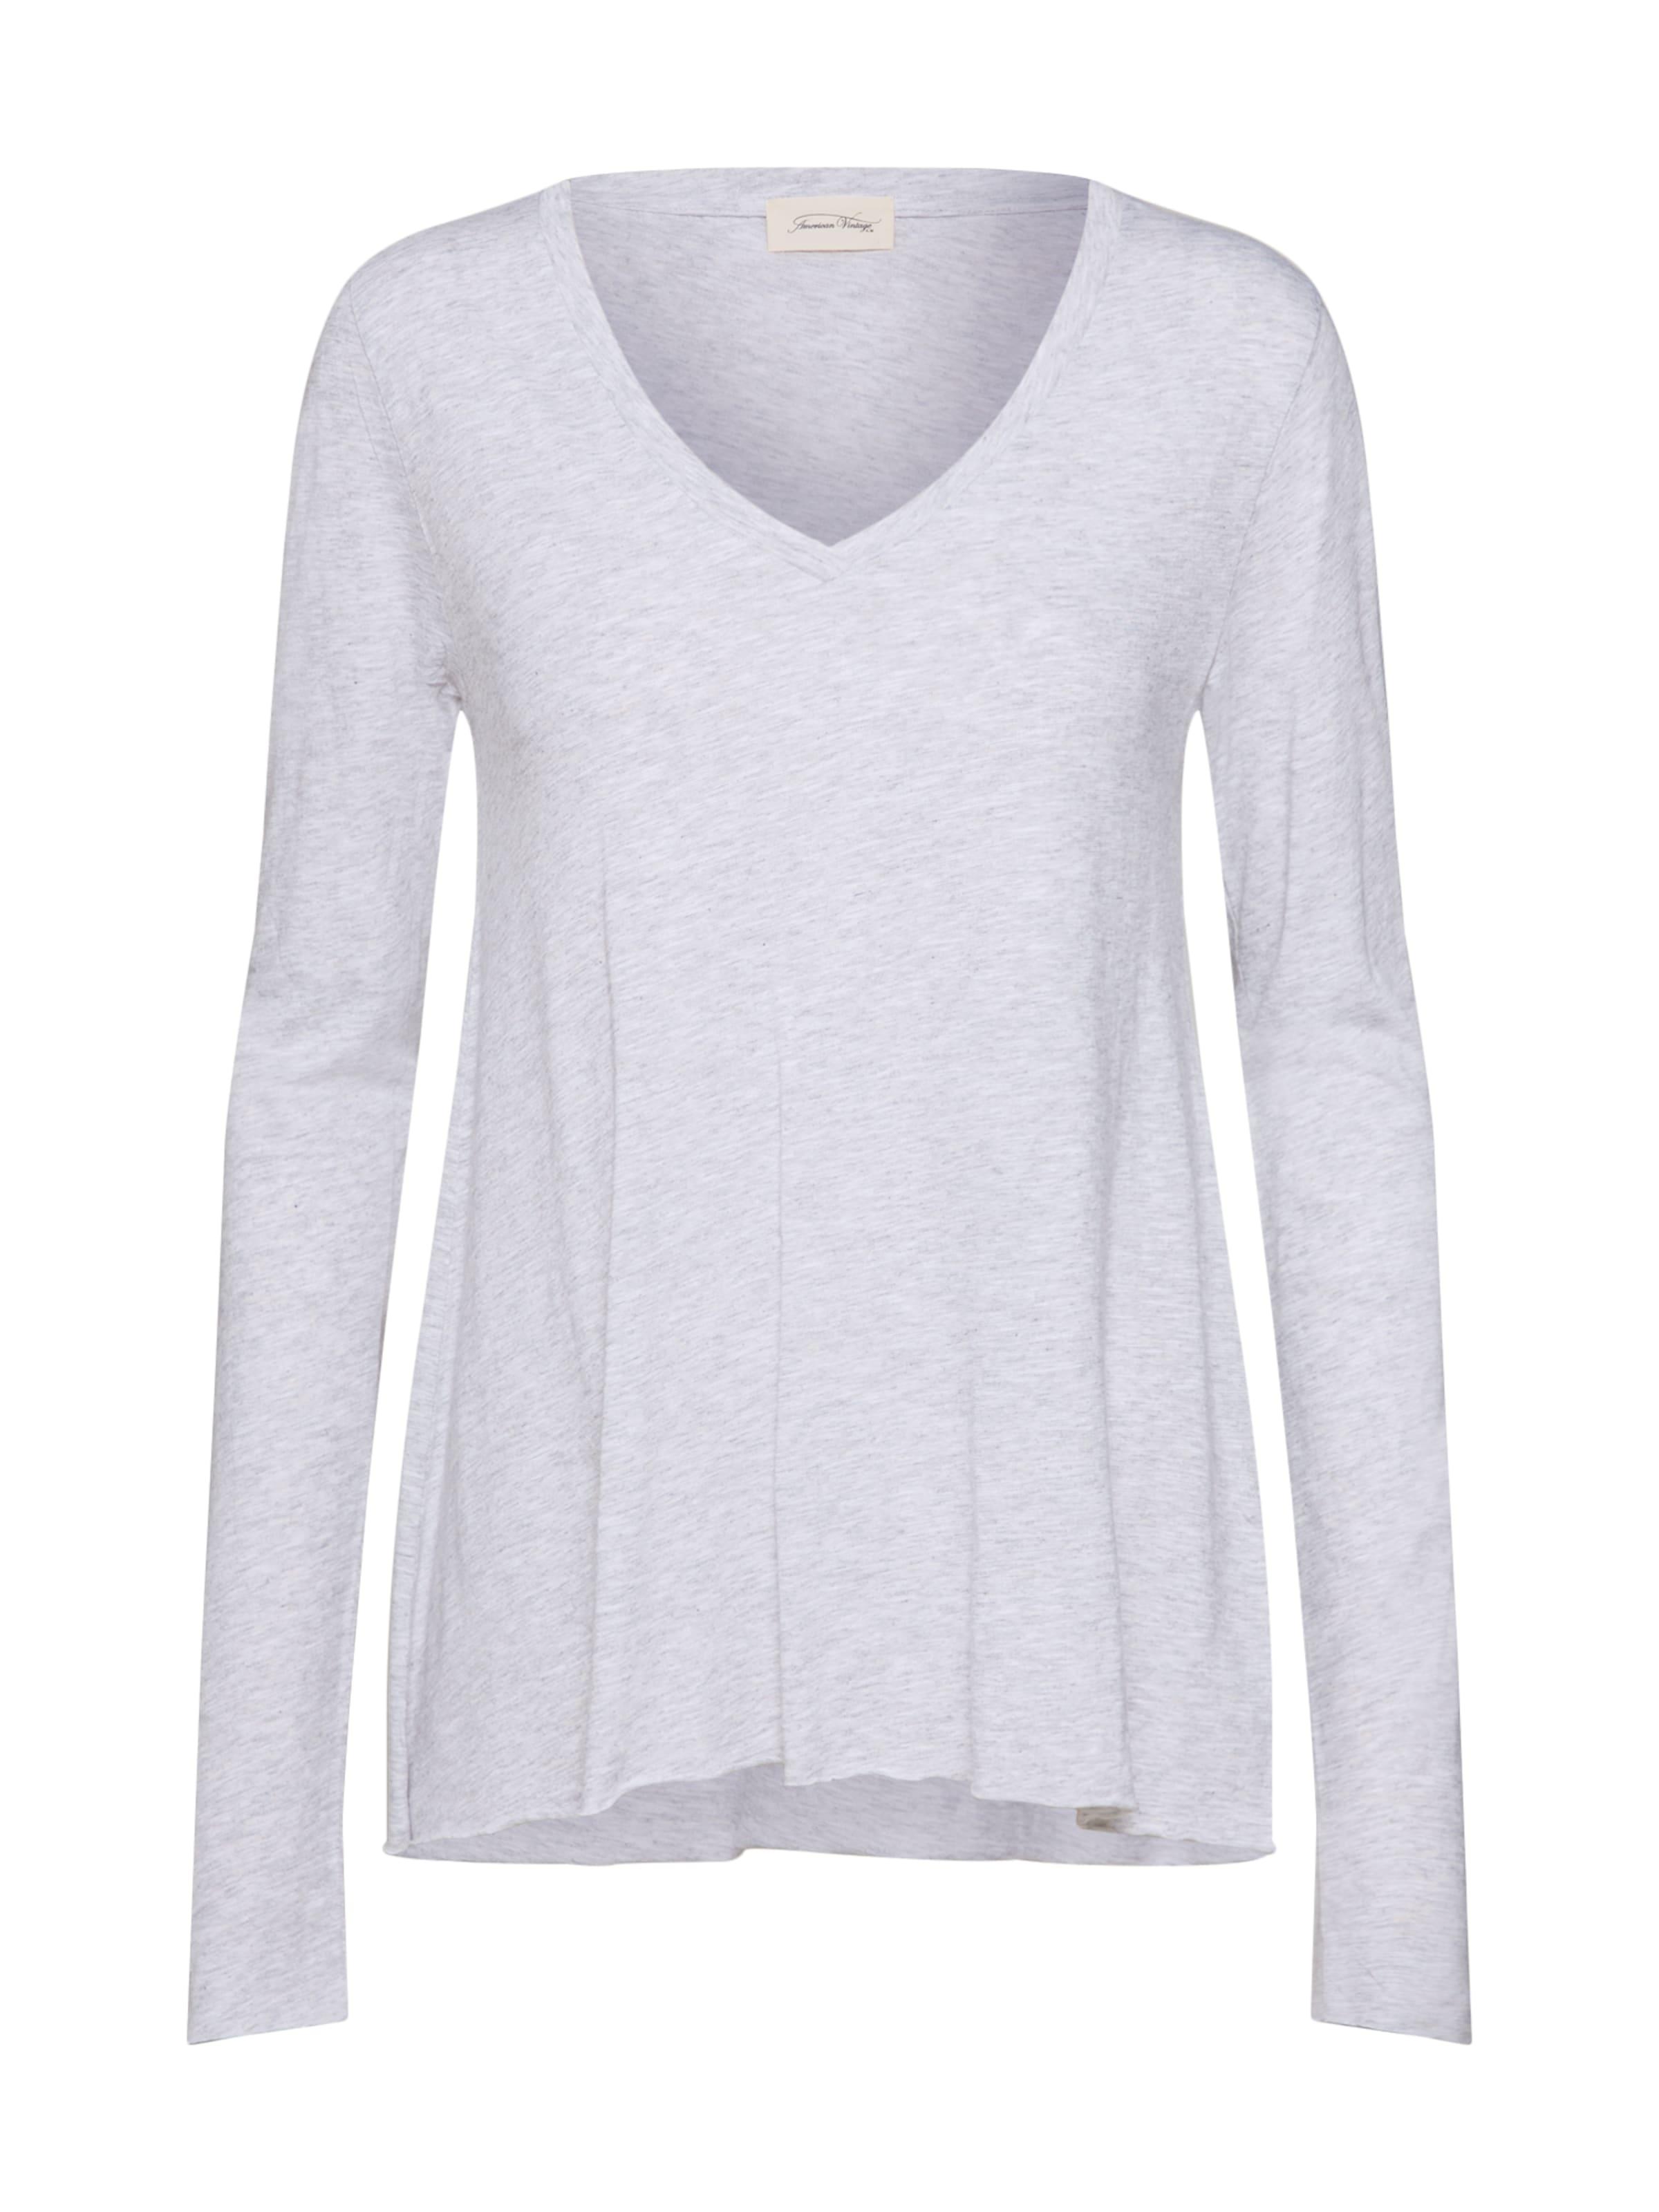 American T shirt En Vintage Blanc PkX0wONn8Z